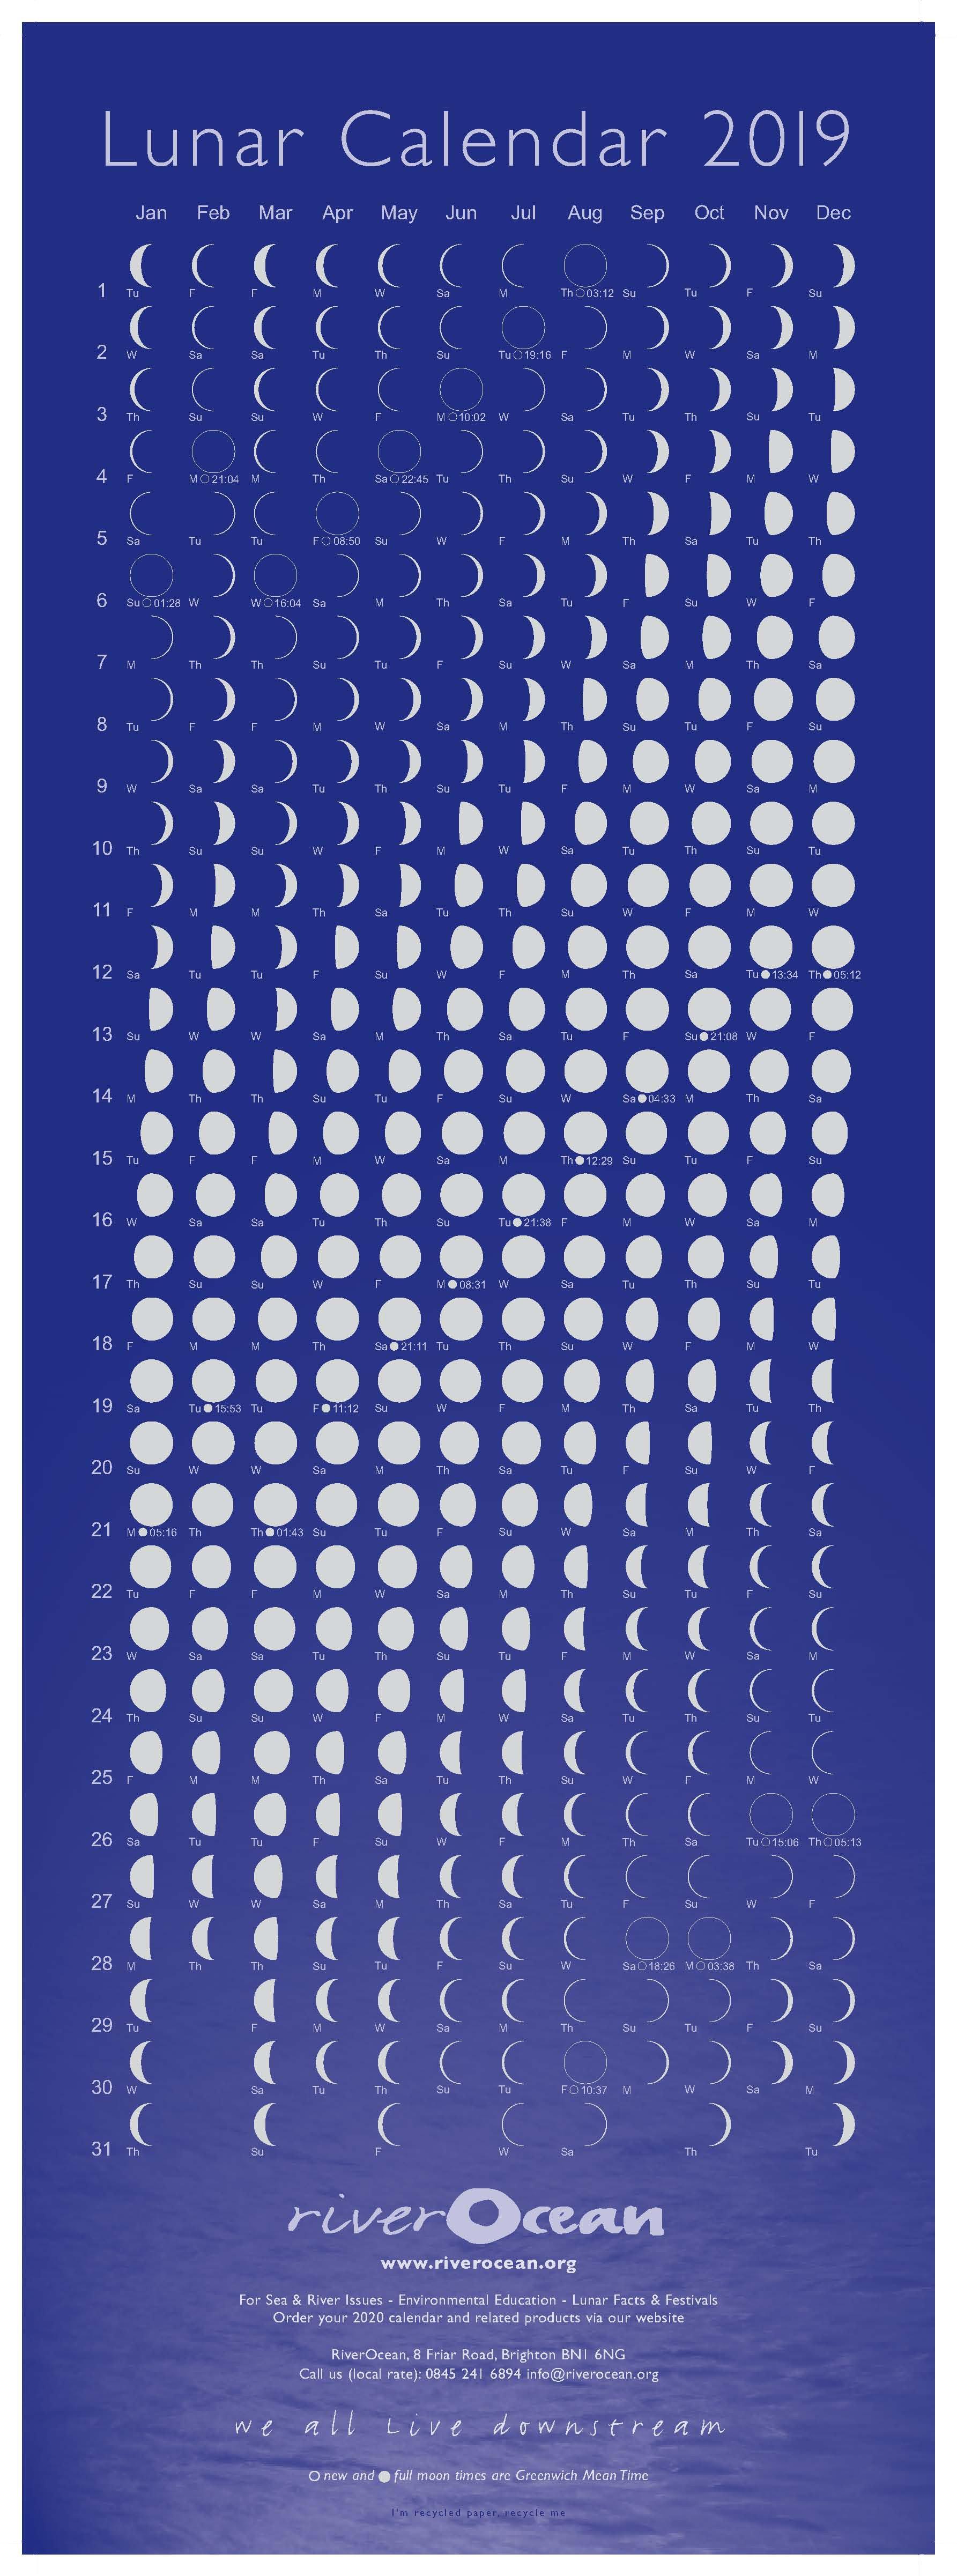 Lunar Calendar 2019 – Riverocean Calendar 2019 Lunar